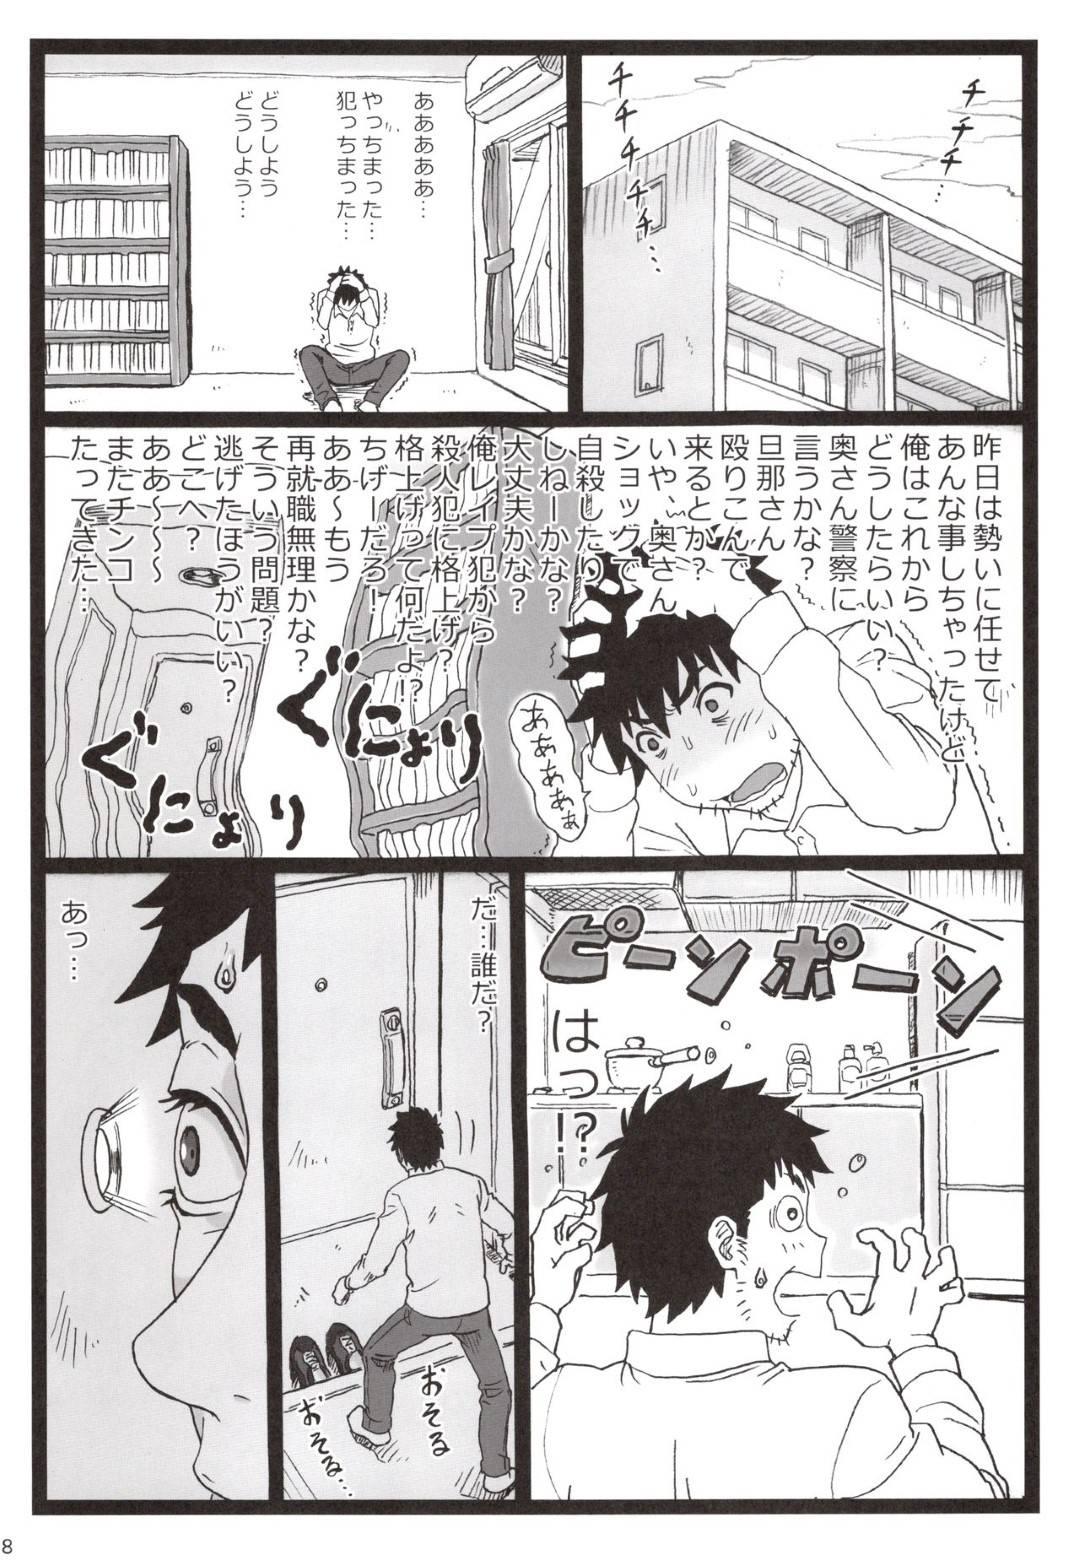 【エロ漫画】あるきっかけから女を魅了する力を手に入れた主人公。この能力のおかげで隣に住んでいる人妻を欲情させてびしょ濡れ状態にさせた彼は昼間からそのまま不倫セックスしてしまう!